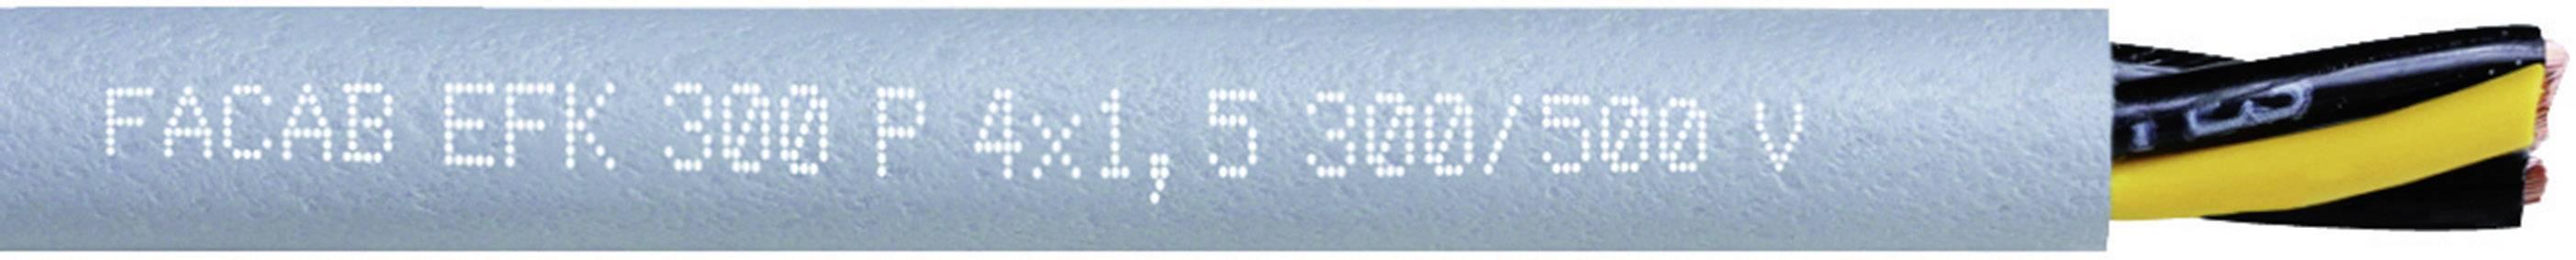 Tažný kabel Faber Kabel EFK 300 P AD300 - SCHLEPPLTG. TPE/PUR (031006), 5x 1 mm², polyurethan, Ø 7,4 mm, nestí